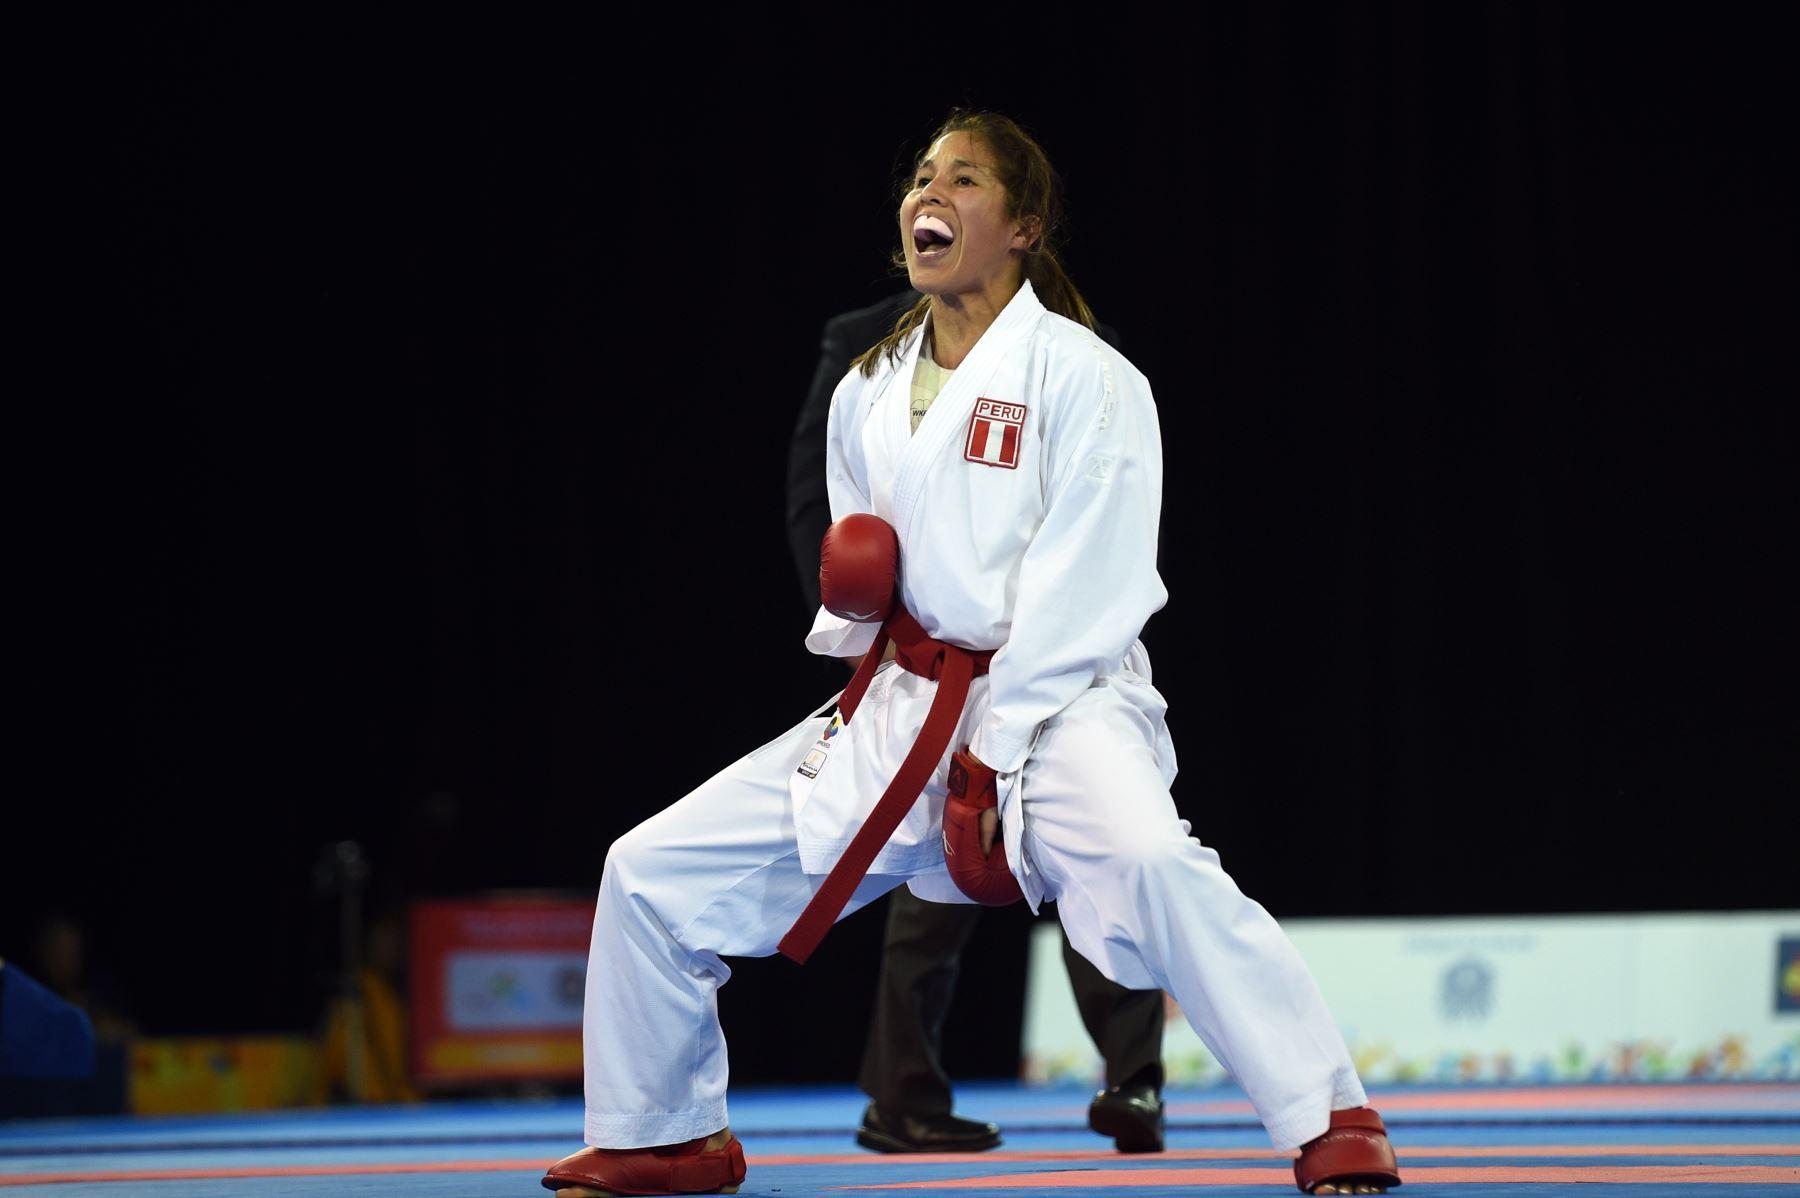 Alexandra Grande en el top 5 del ranking mundial de karate